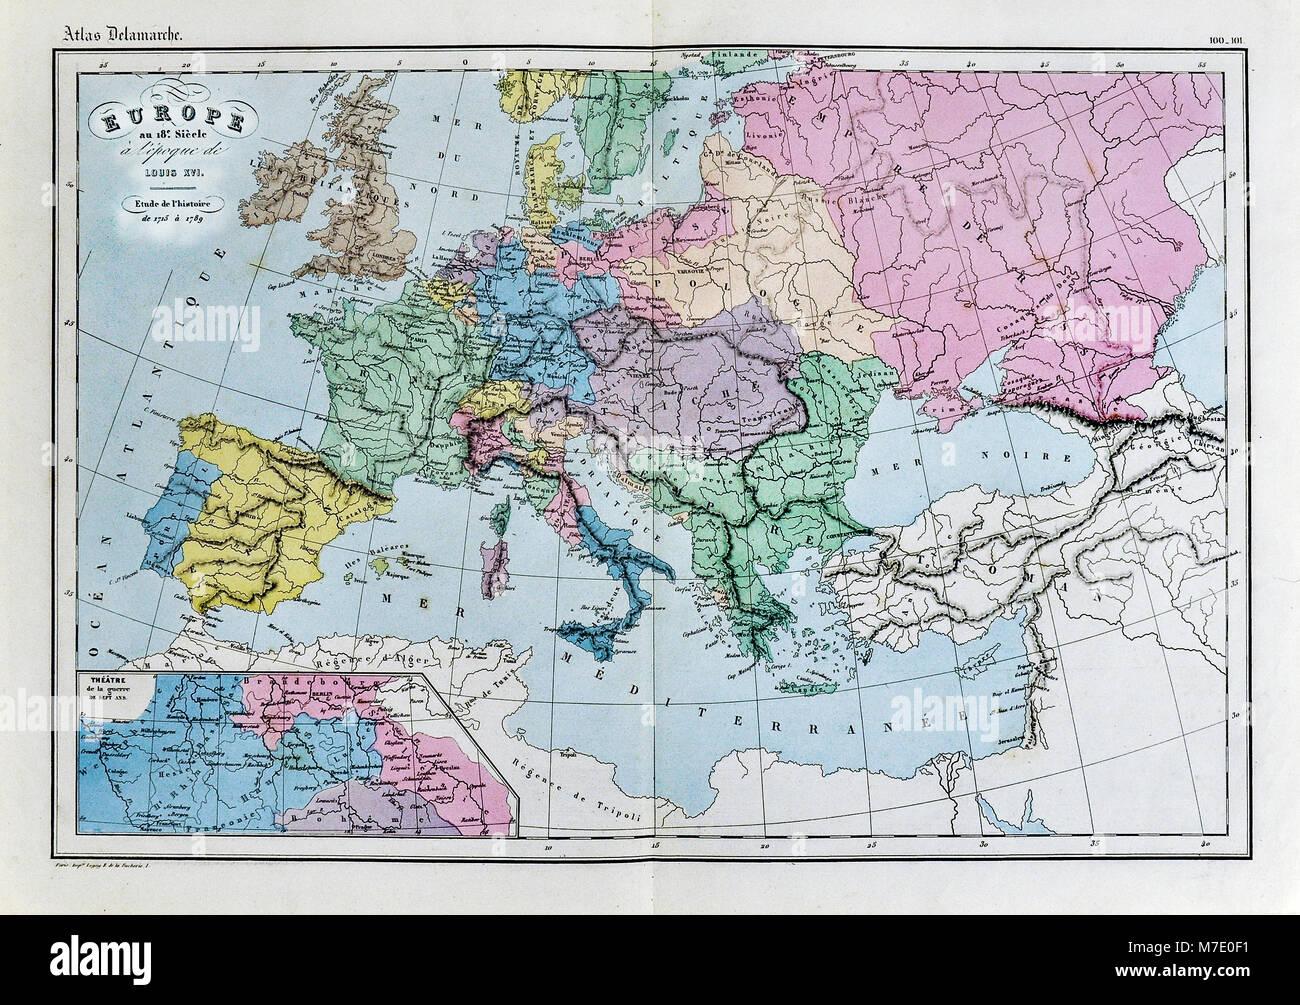 Cartina Storica Dell Europa.1858 Delamarche Mappa Storica Dell Europa Nel Xviii Secolo